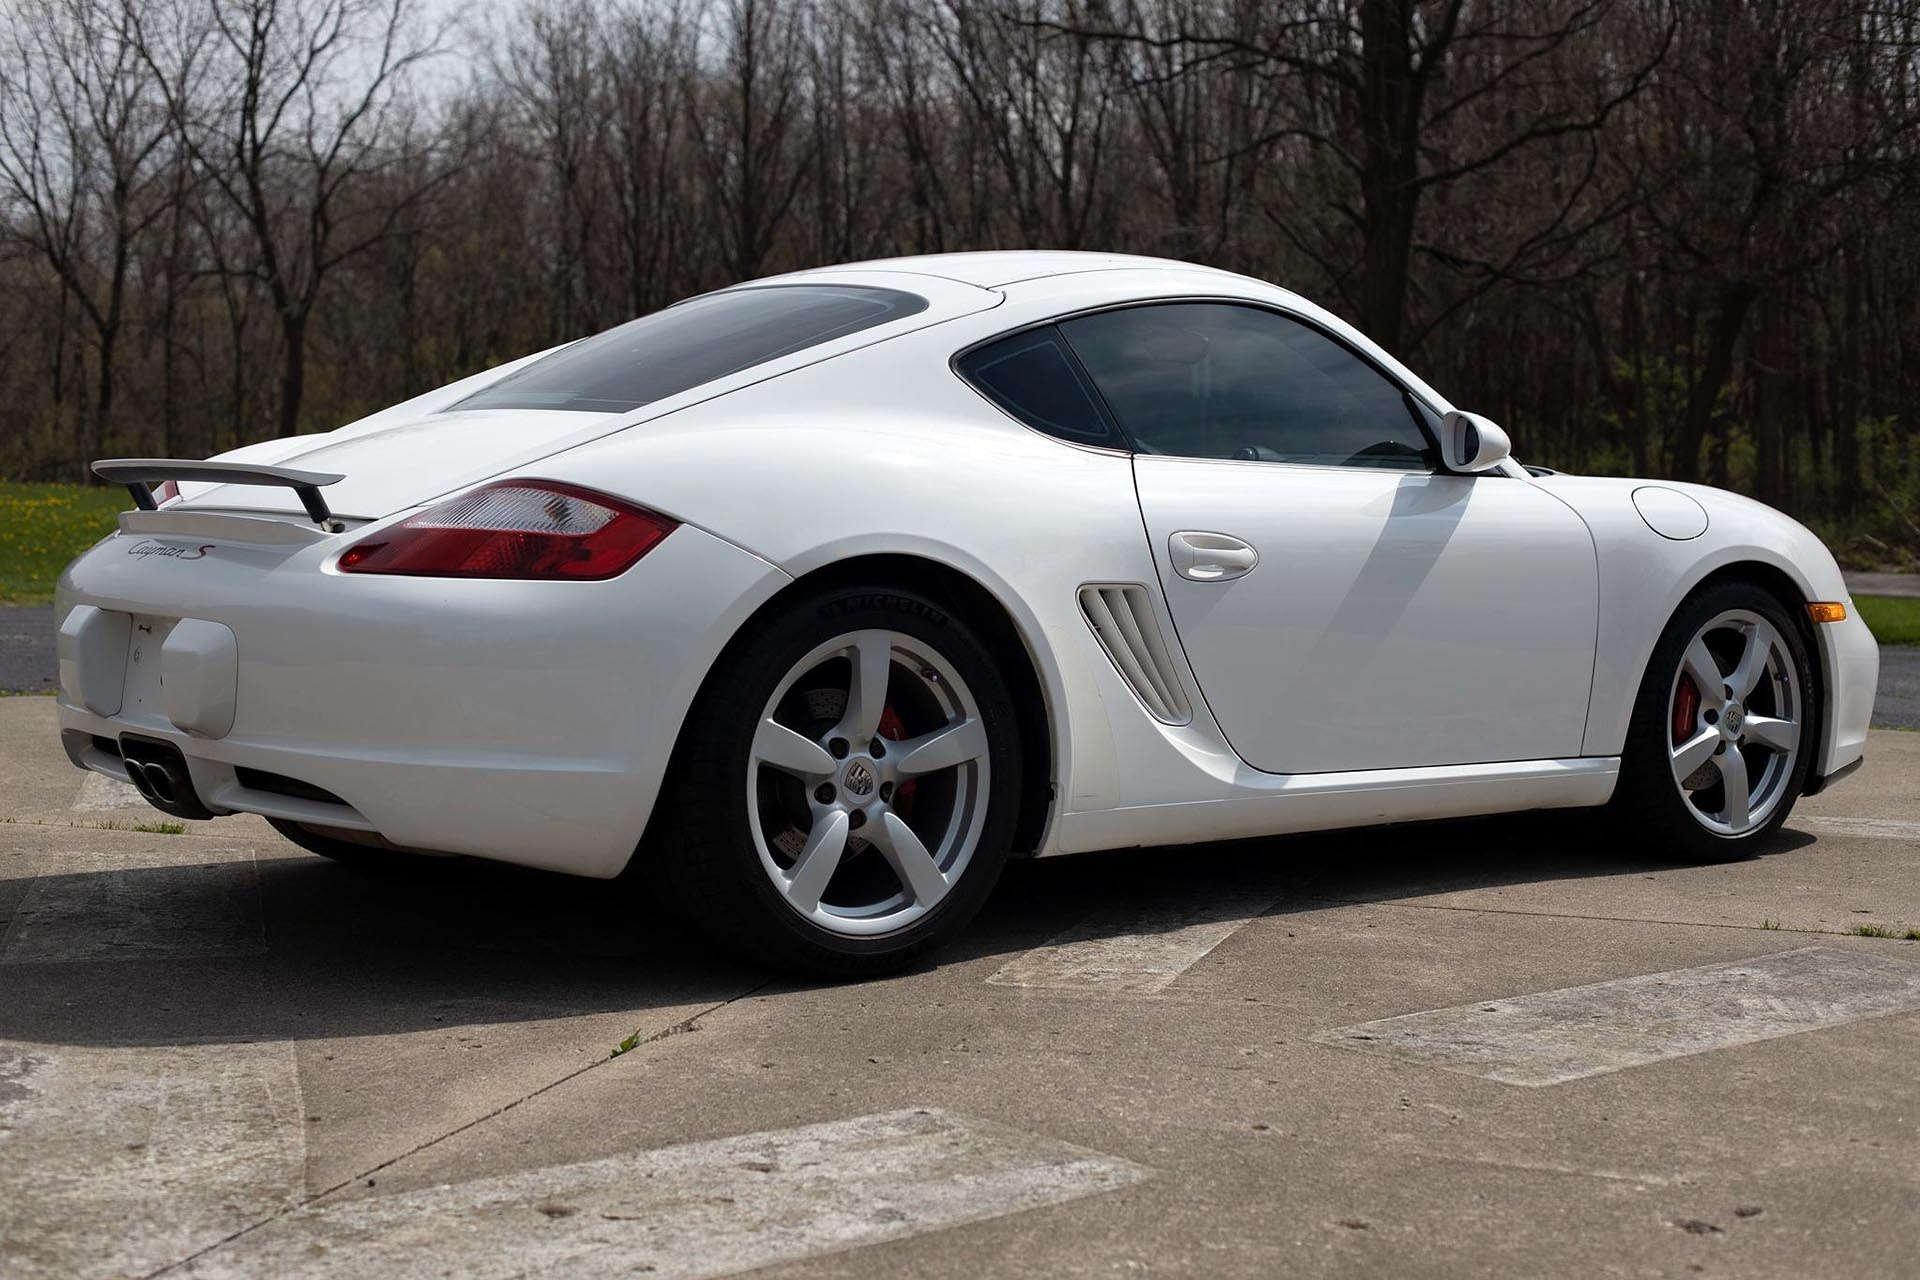 14_Porsche Cayman S Rear